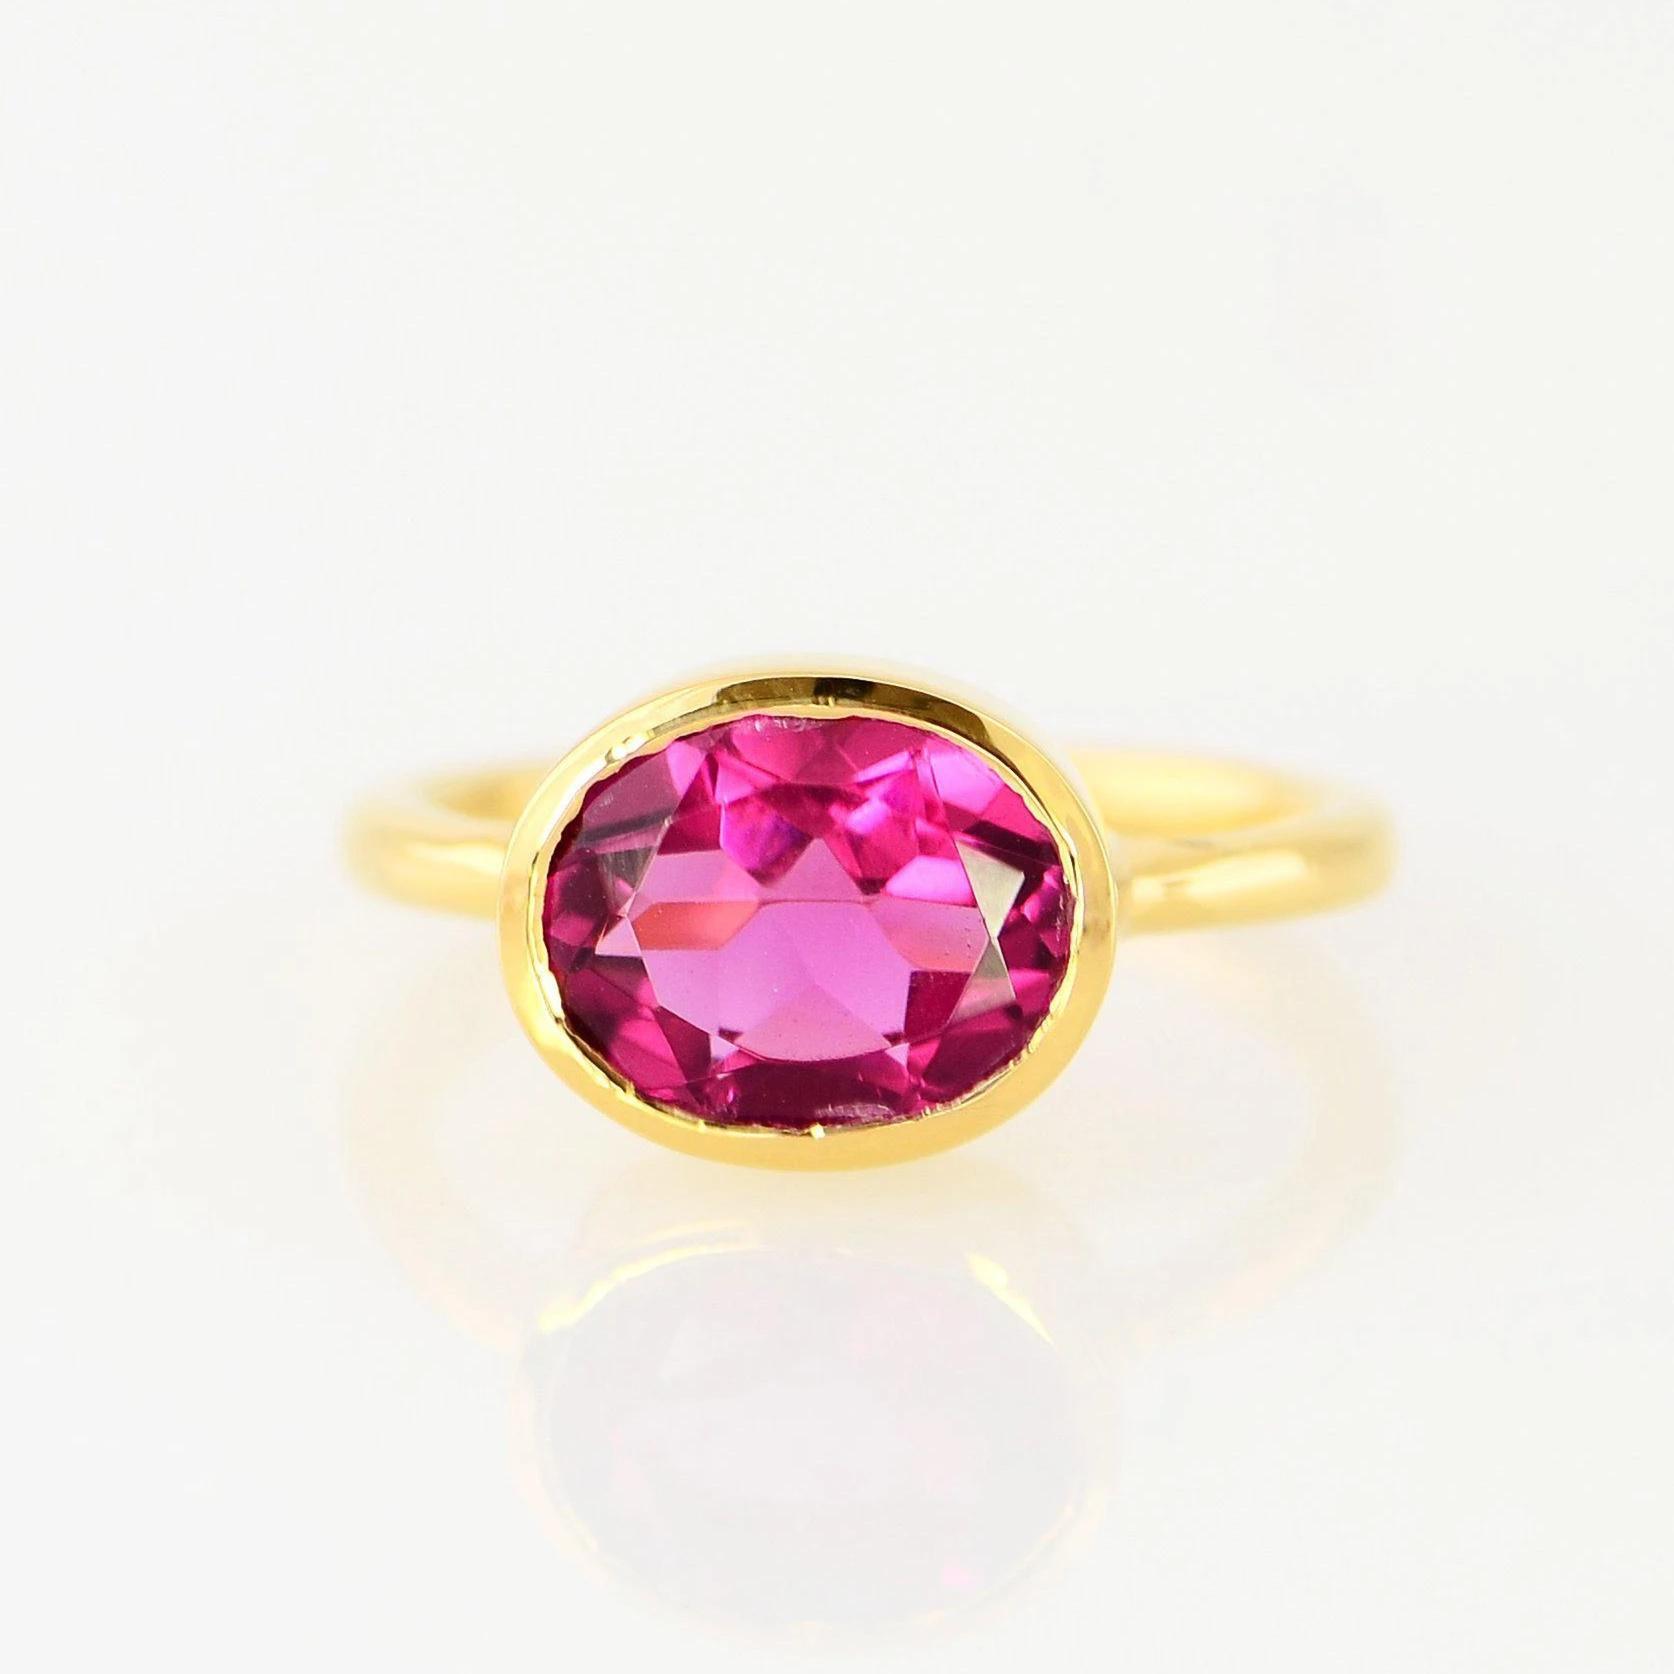 Basit Oval Kesim Kırmızı Zirkon Kristal Solitaire İstifleme Yüzükler Moda 14 K Altın Taş Nişan Yüzüğü Kadınlar Birthstone Yıldönümü Takı